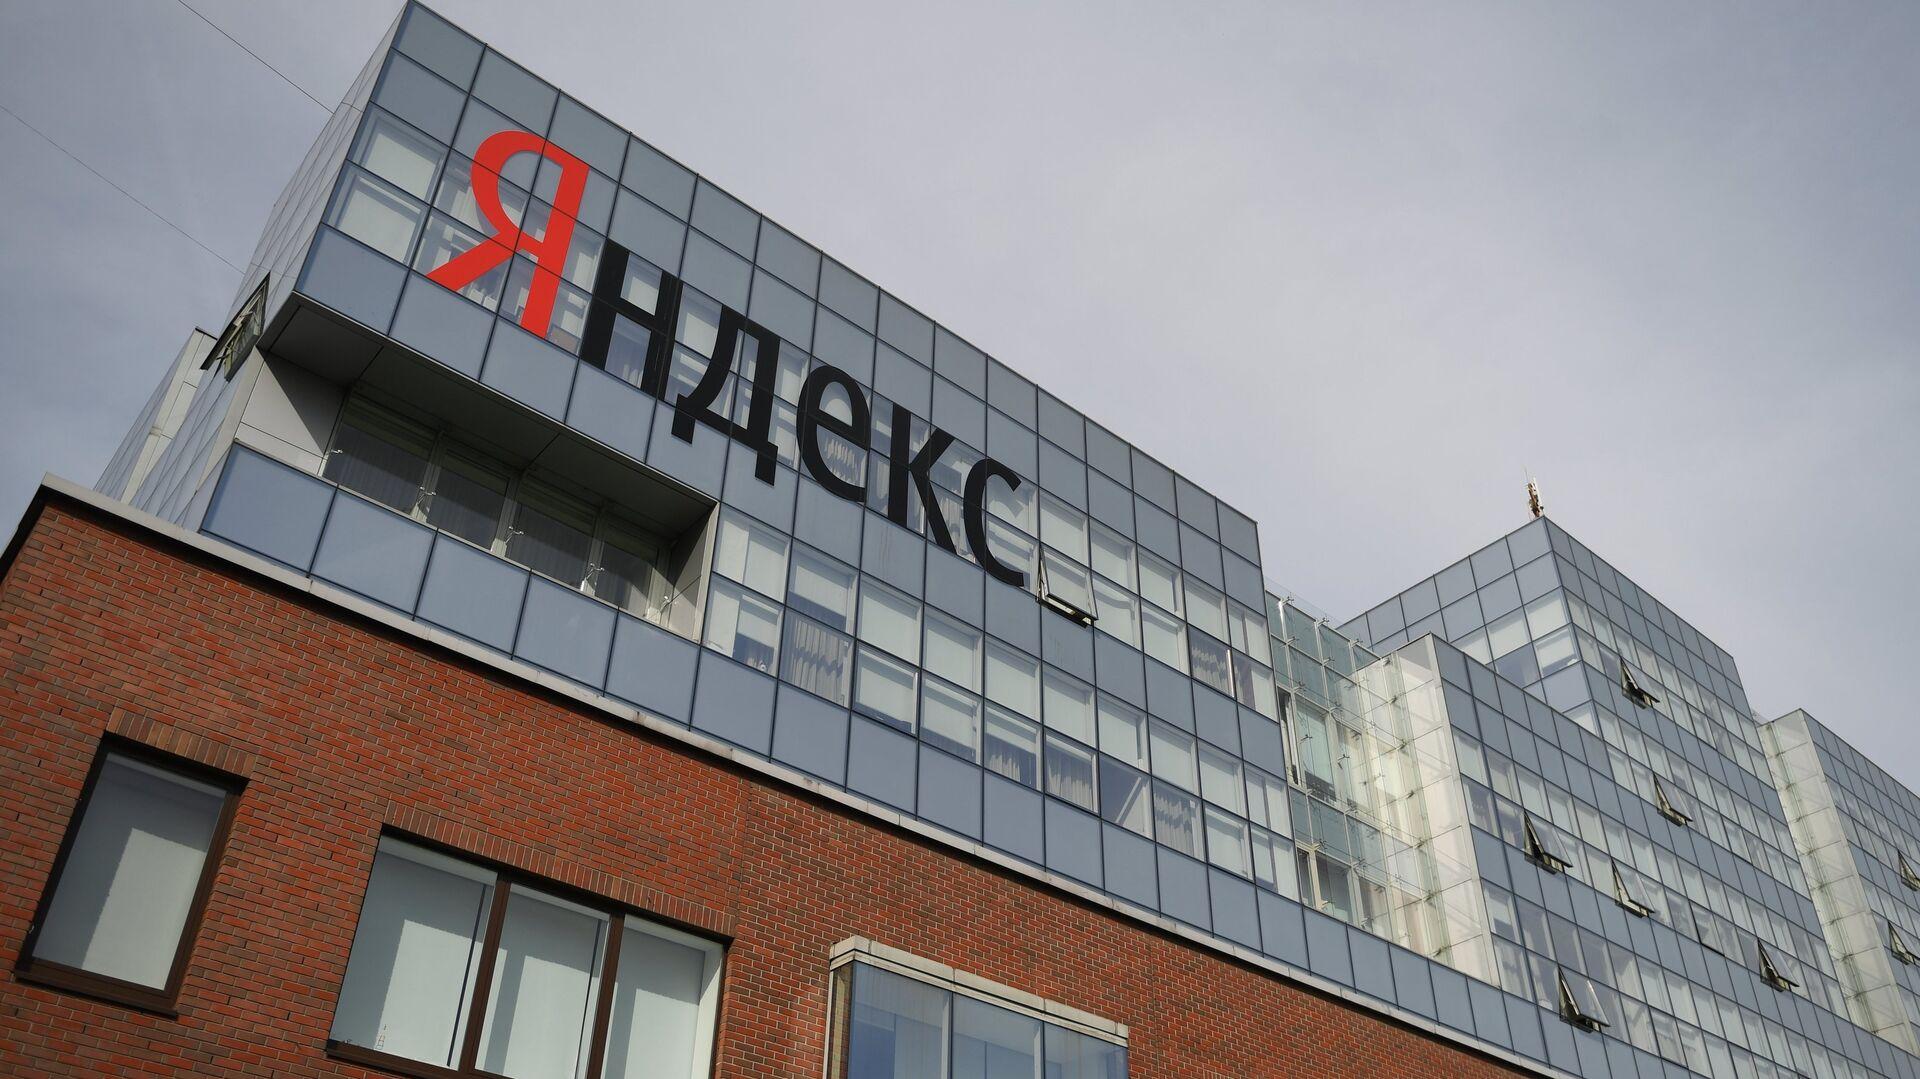 Офис компании Яндекс в Москве - РИА Новости, 1920, 08.02.2021